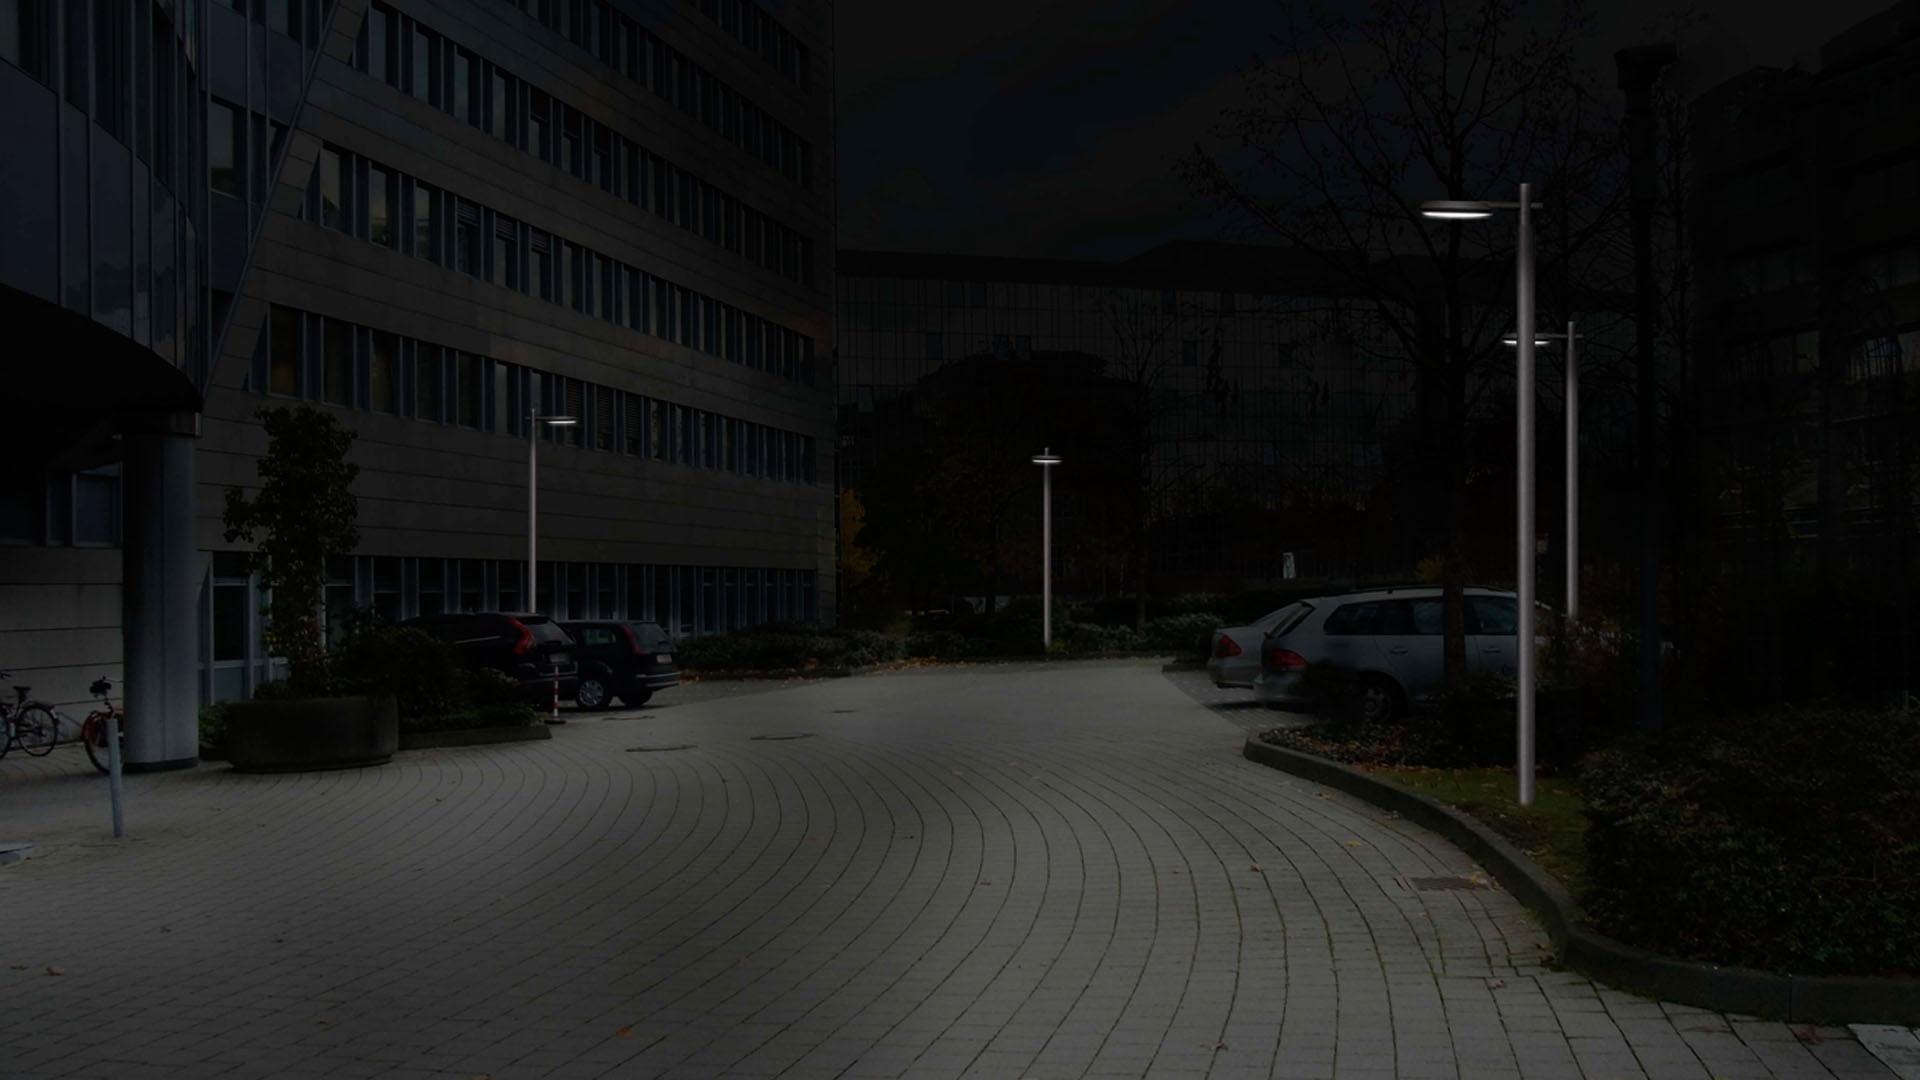 MAASS-Lichtplanung_Lichtplanung für Fassade und Freiflächen__02_Olof-Palme-Straße_Slideshow_13